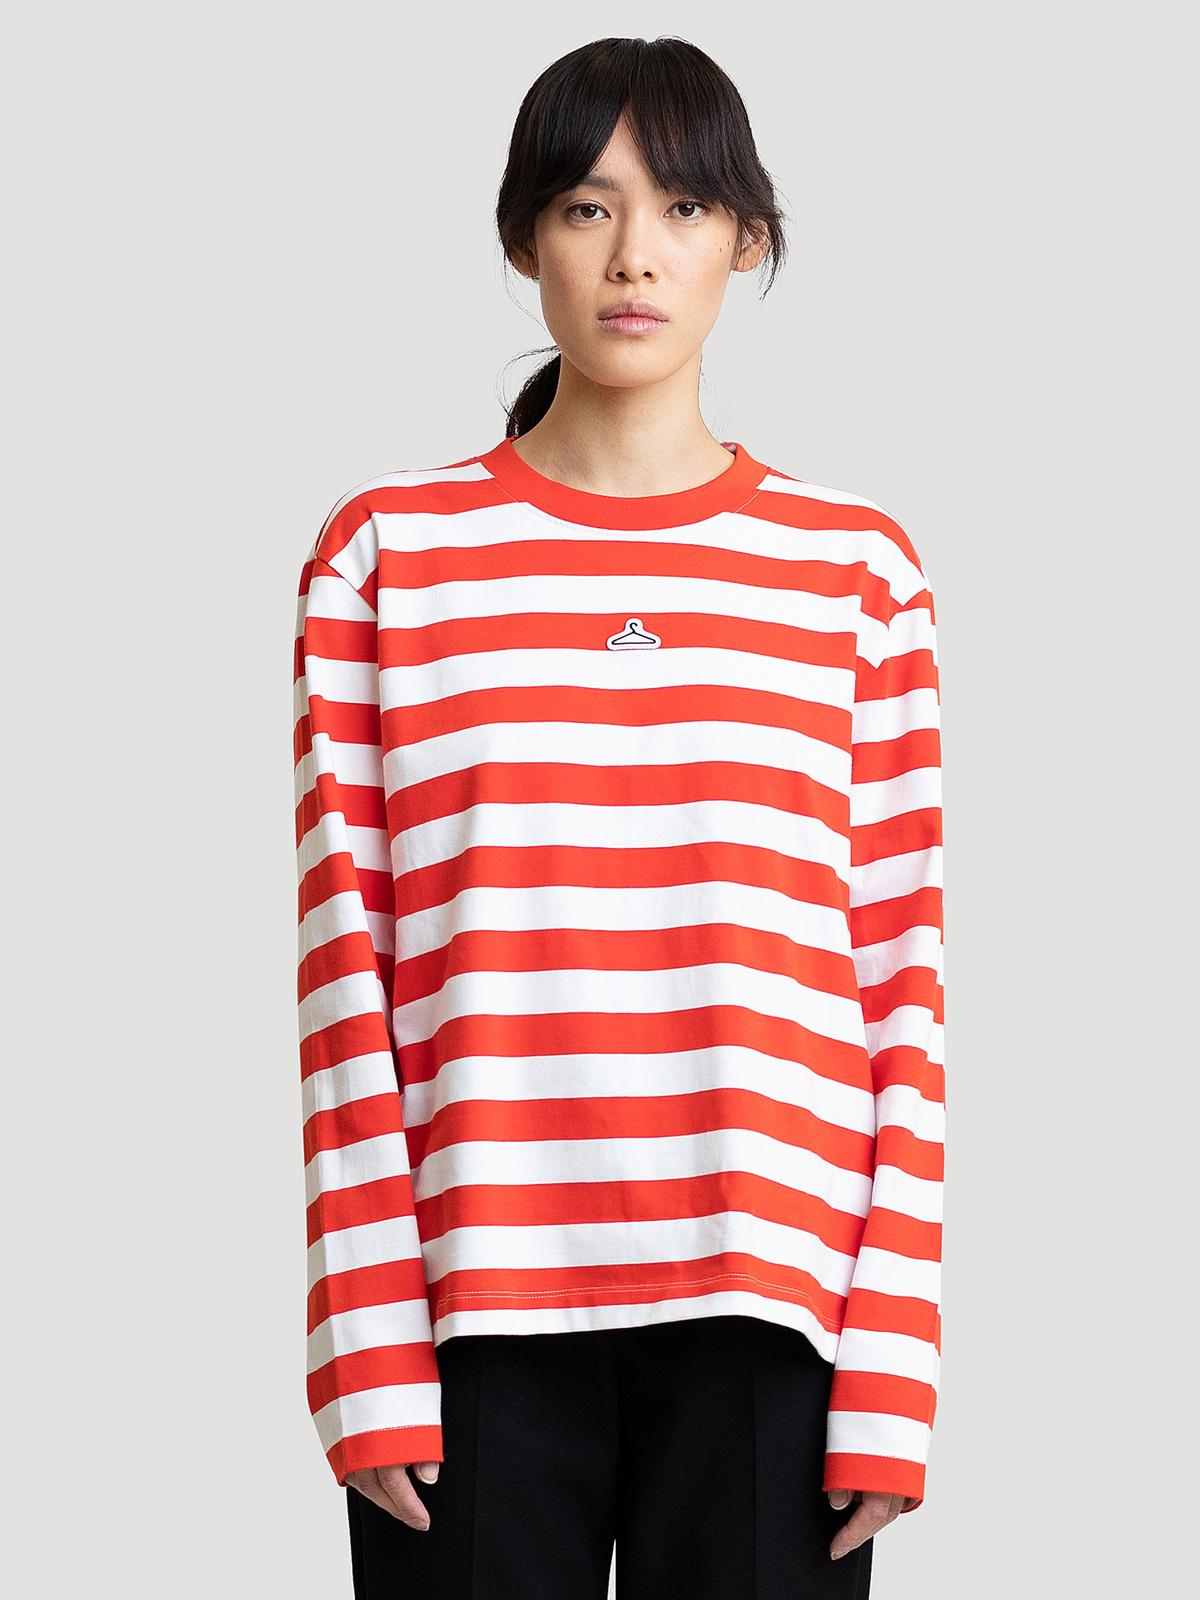 Hanger Striped Longsleeve Red White 0